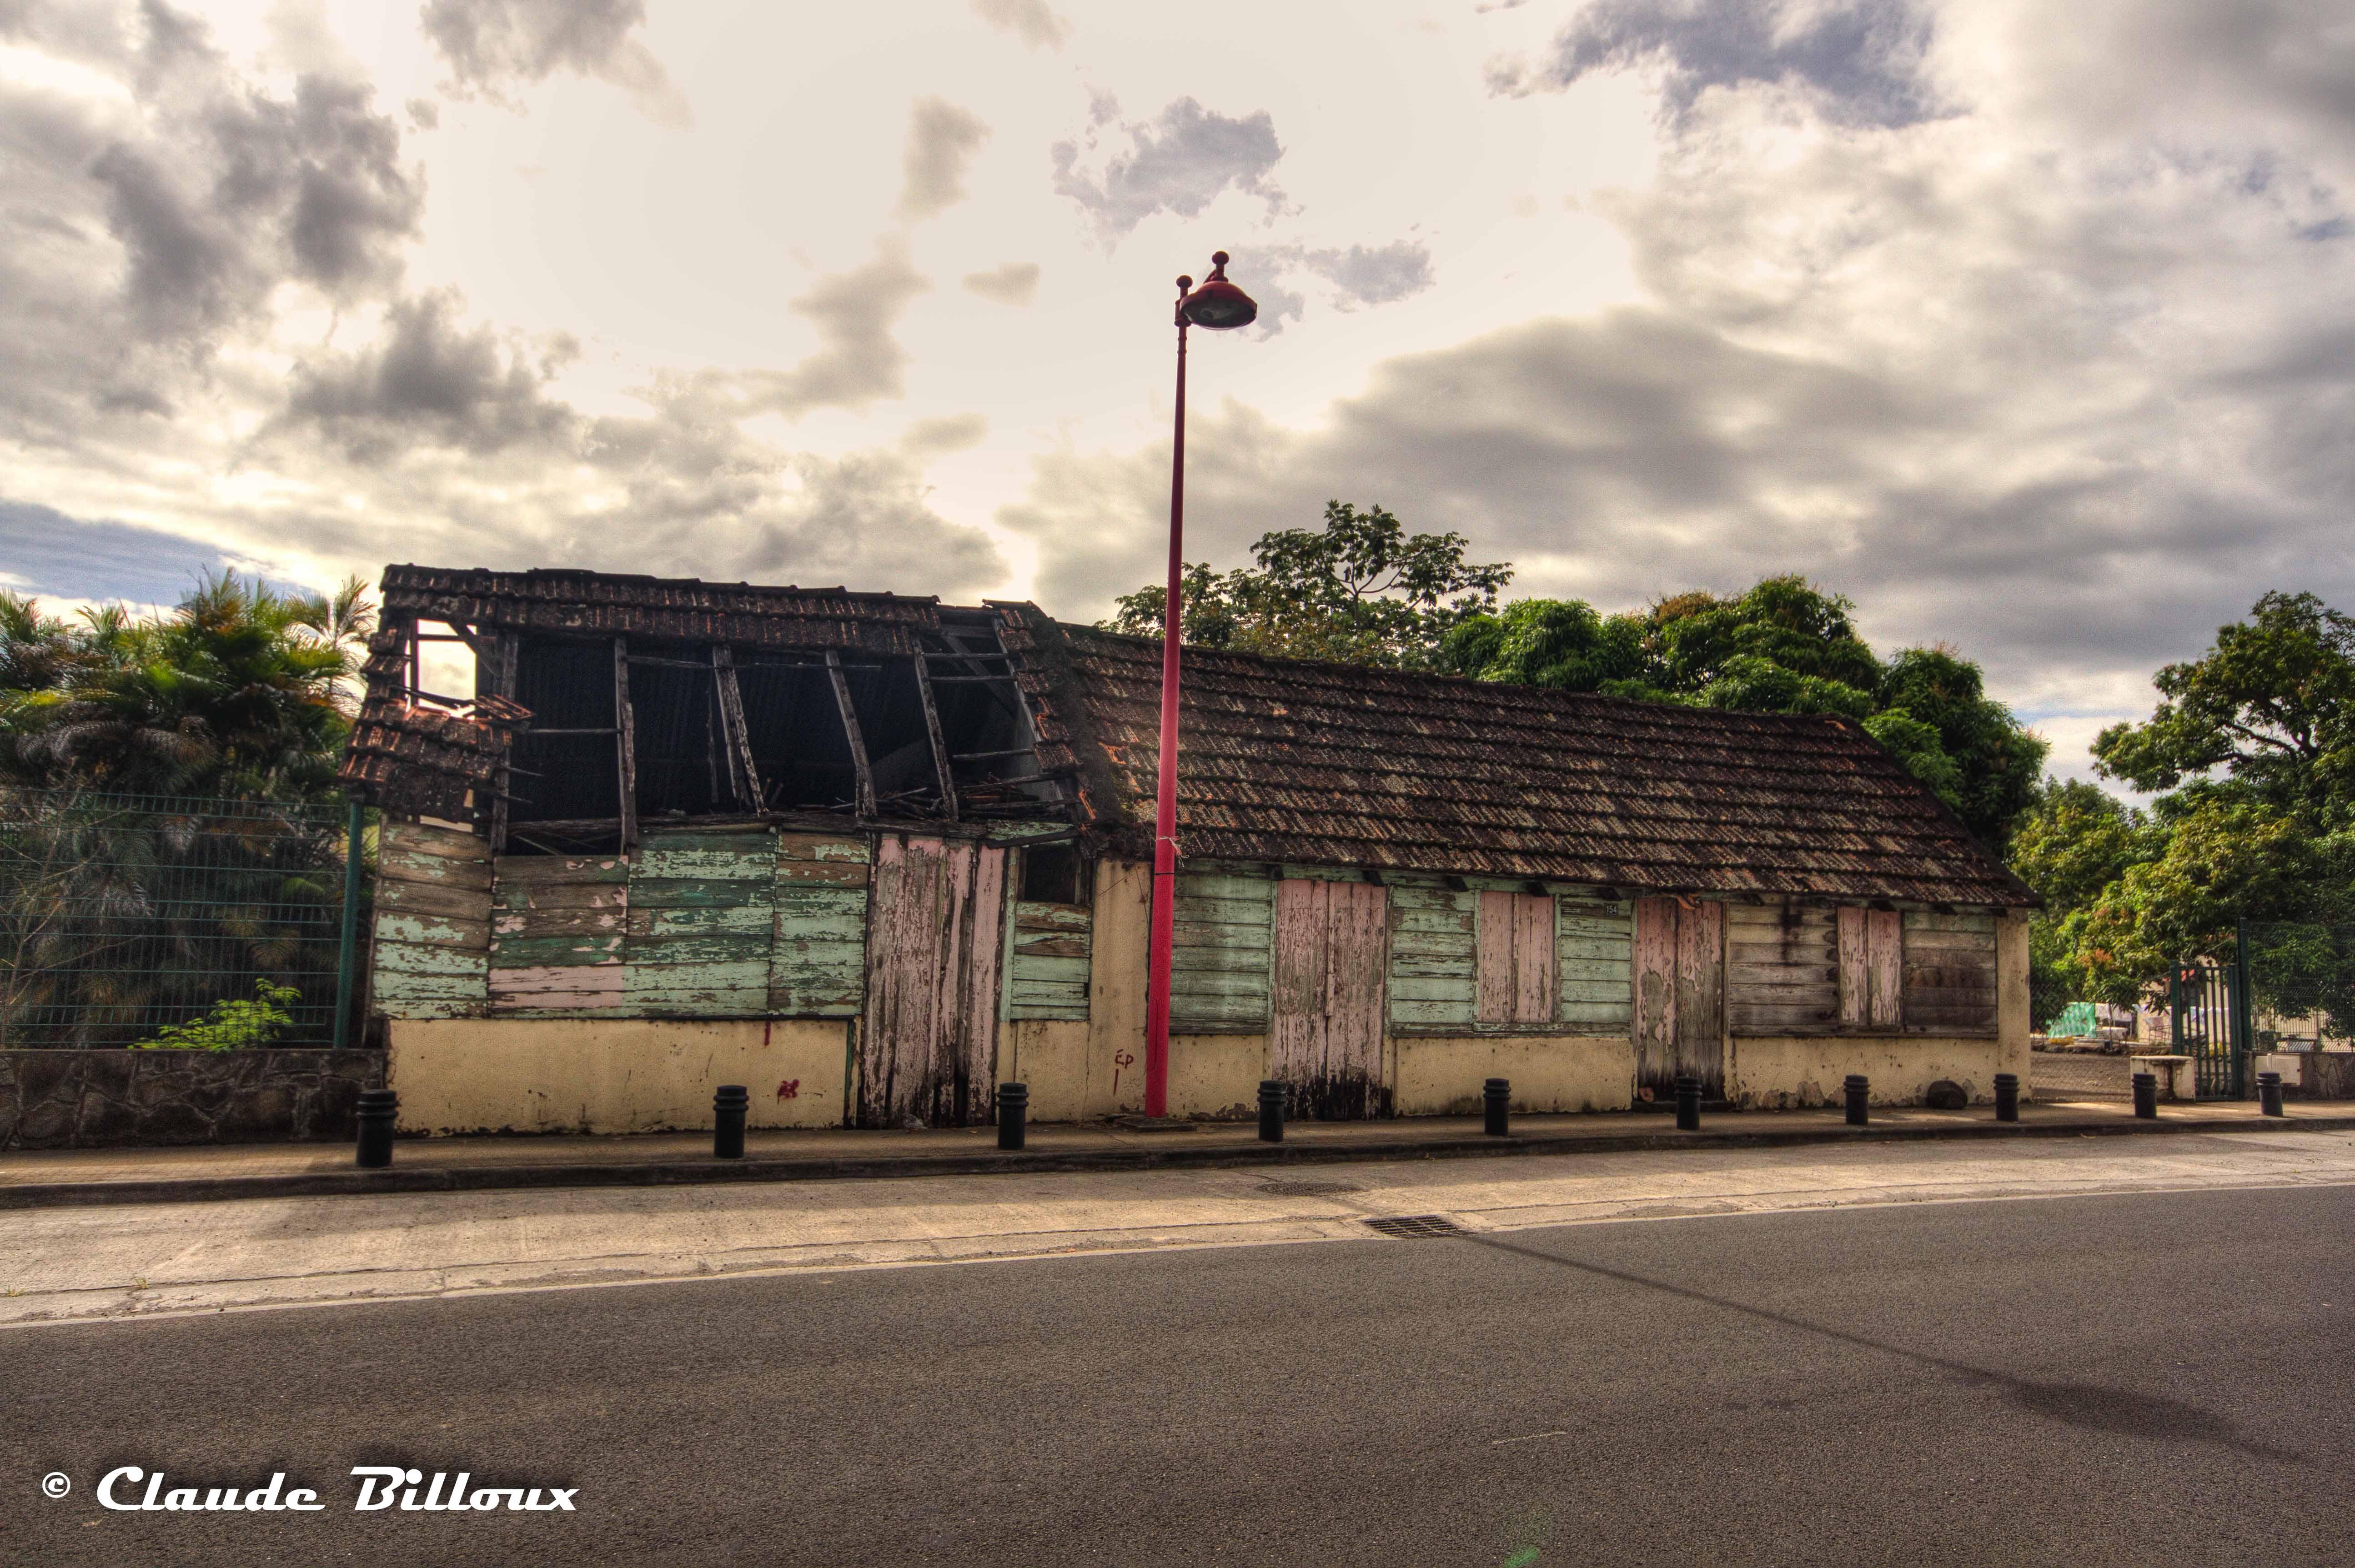 Martinique_0365_6_7_tonemapped.jpg